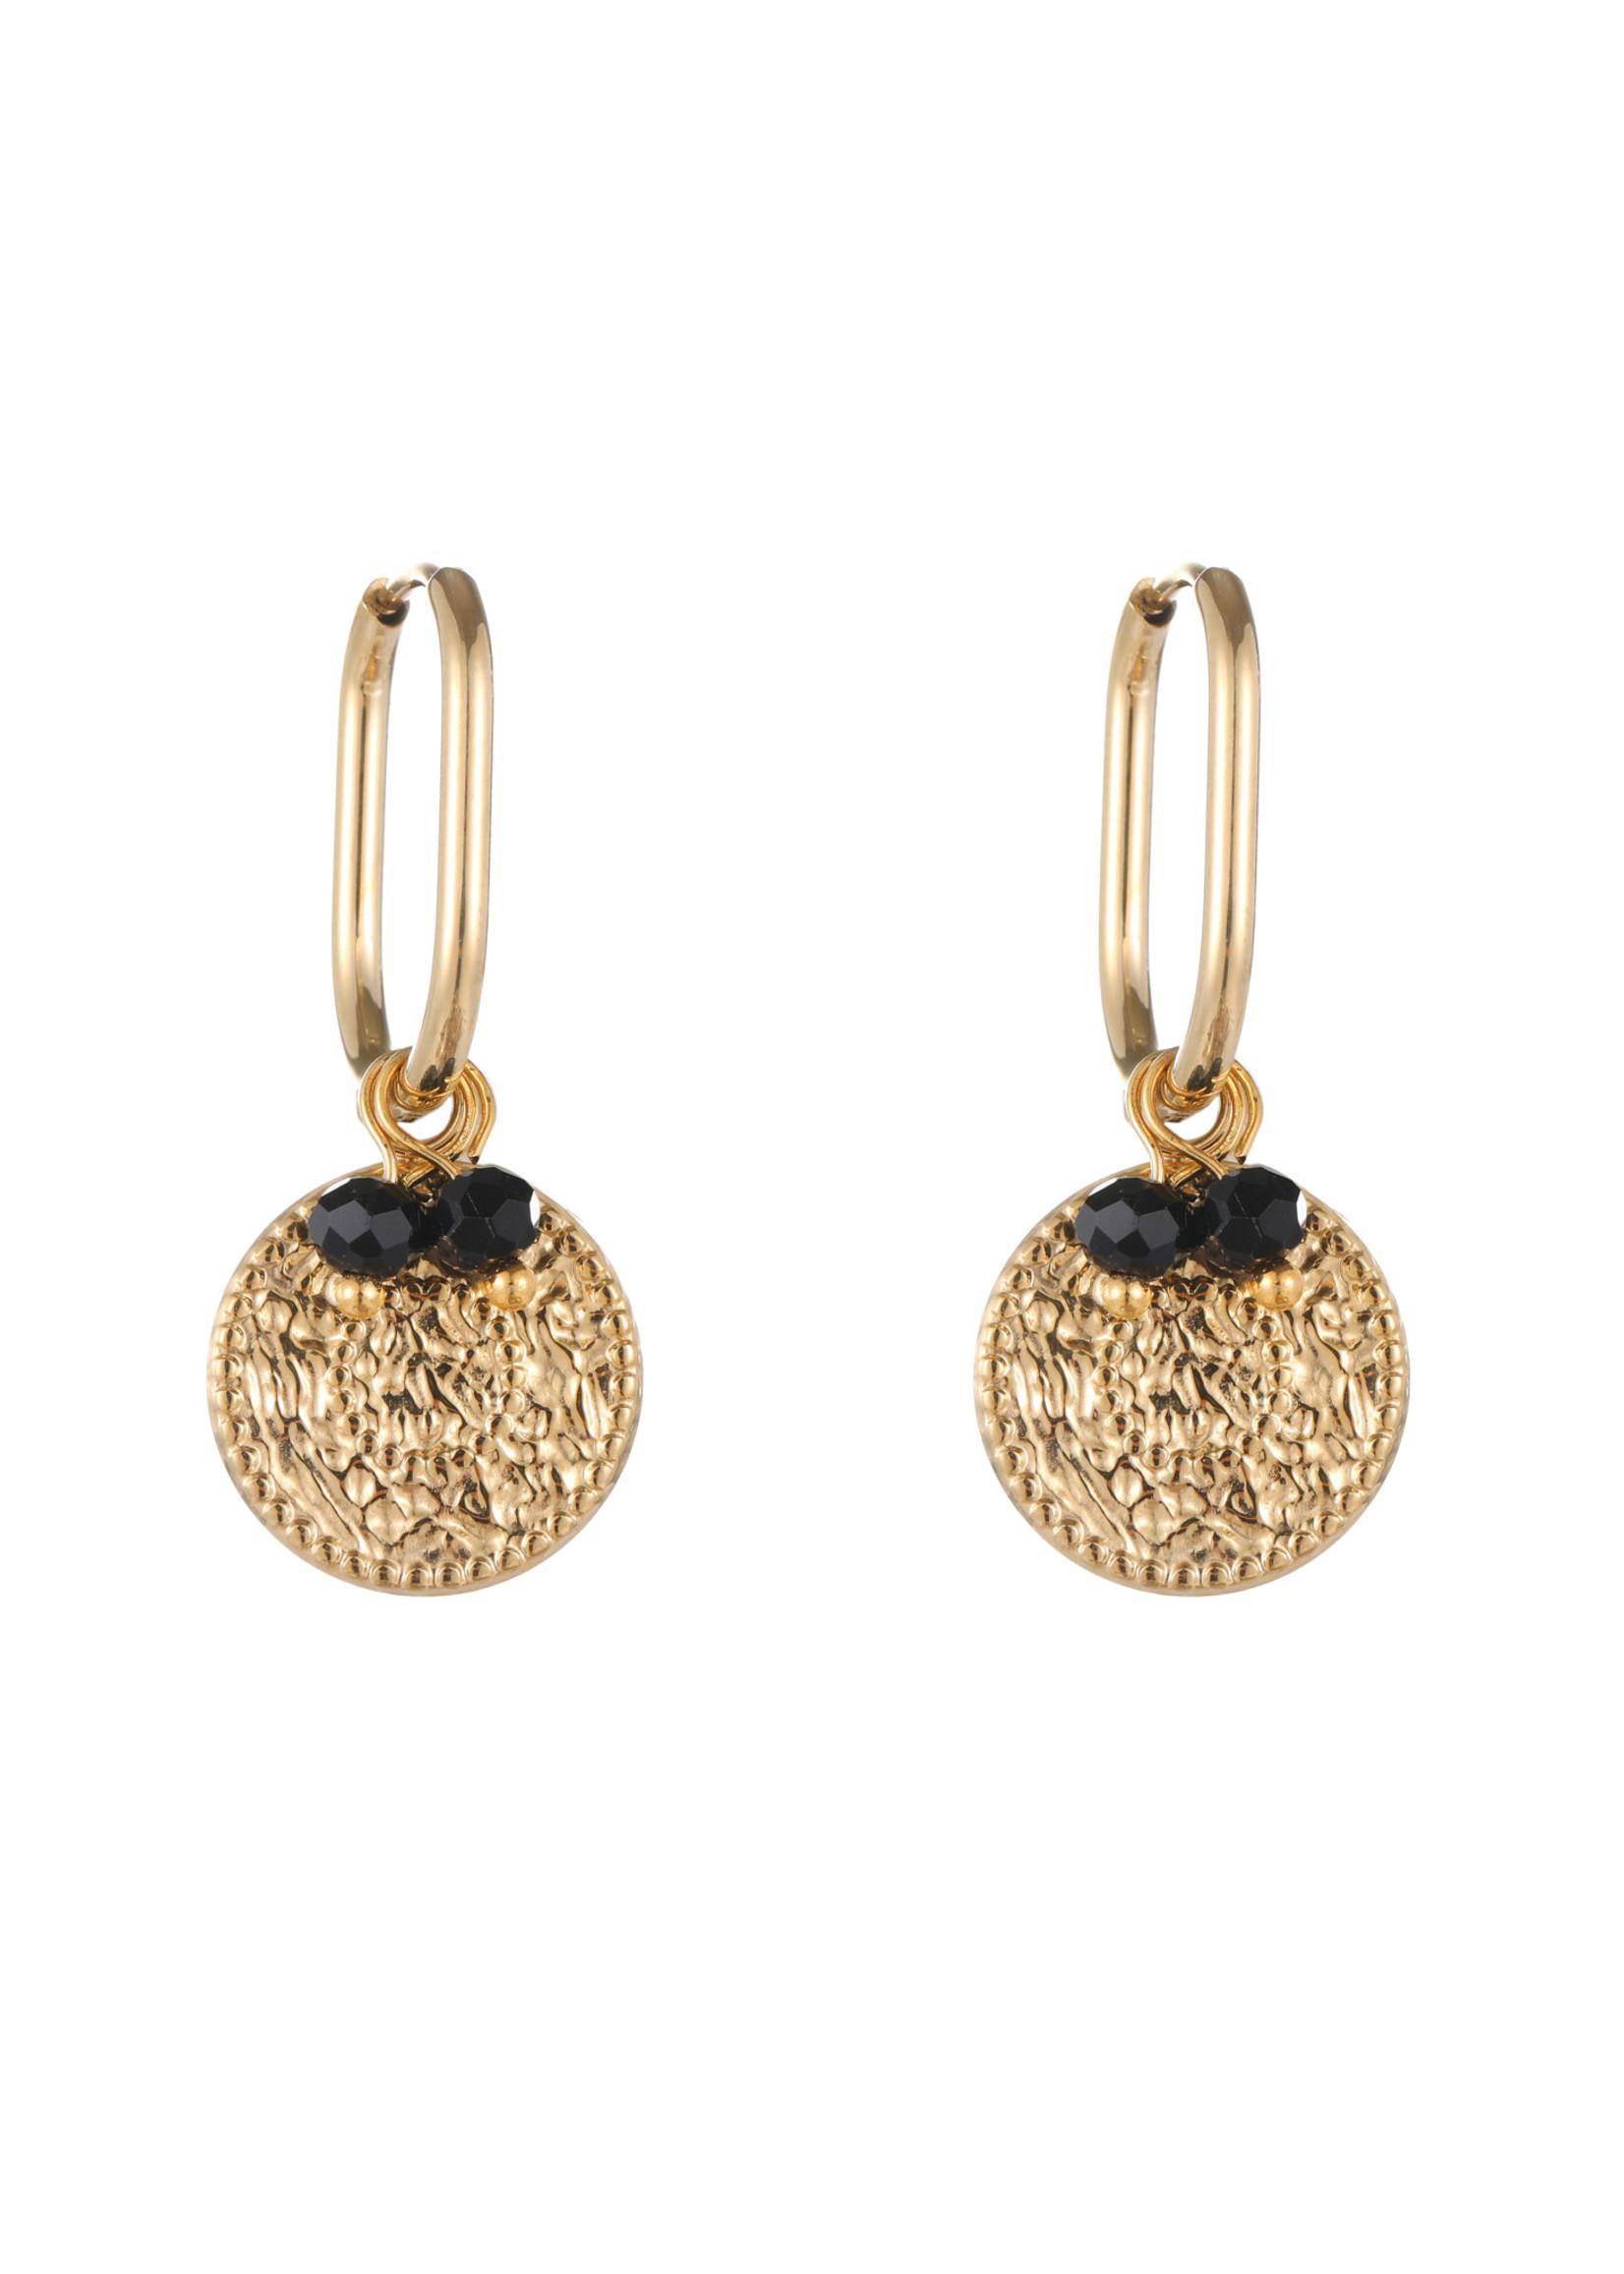 Oorbel goud met hanger en zwart steentjes E1823-2